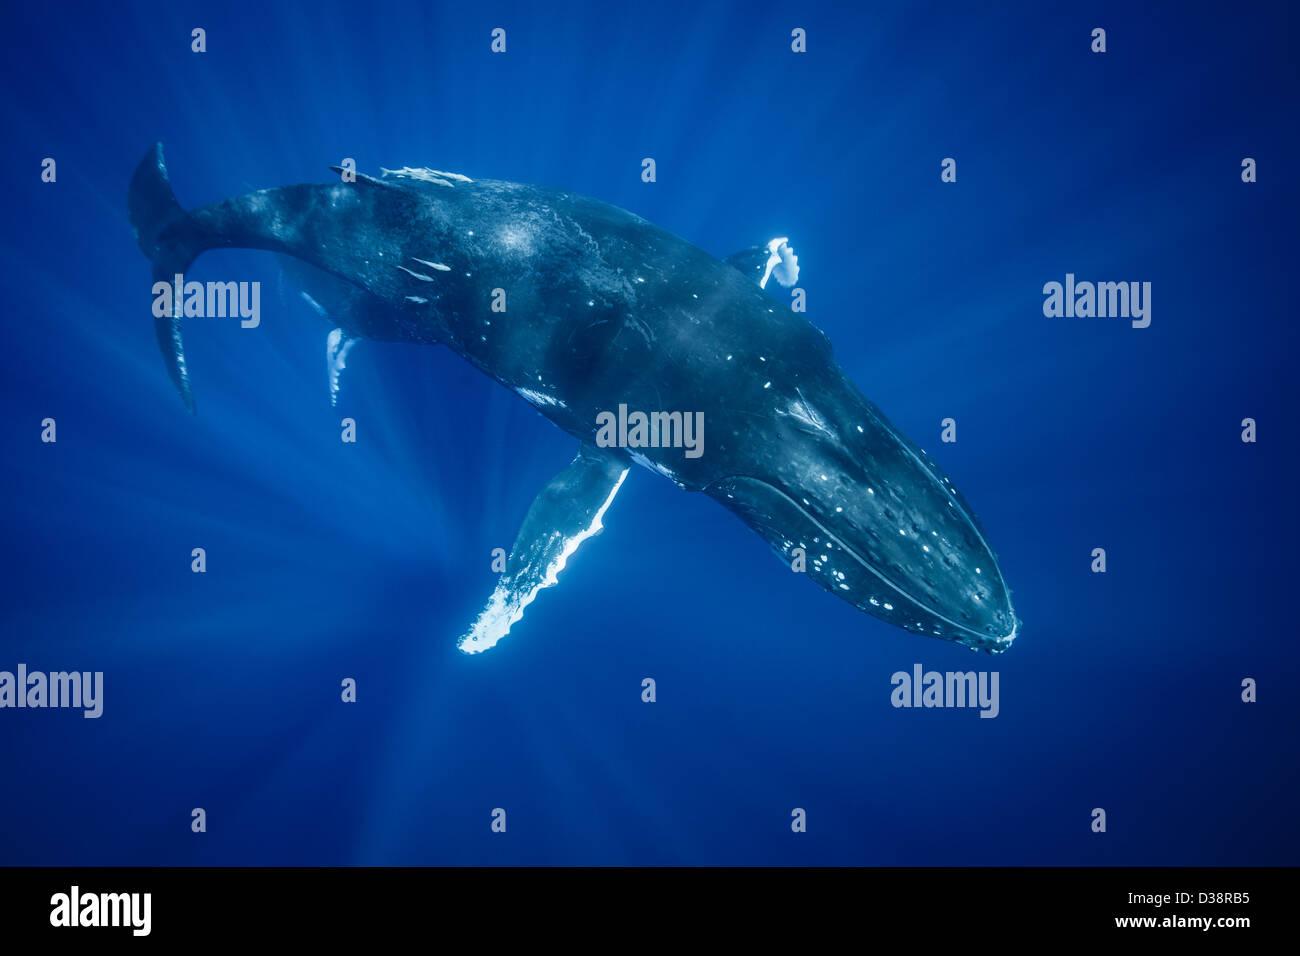 Ballena Jorobada nadar Imagen De Stock